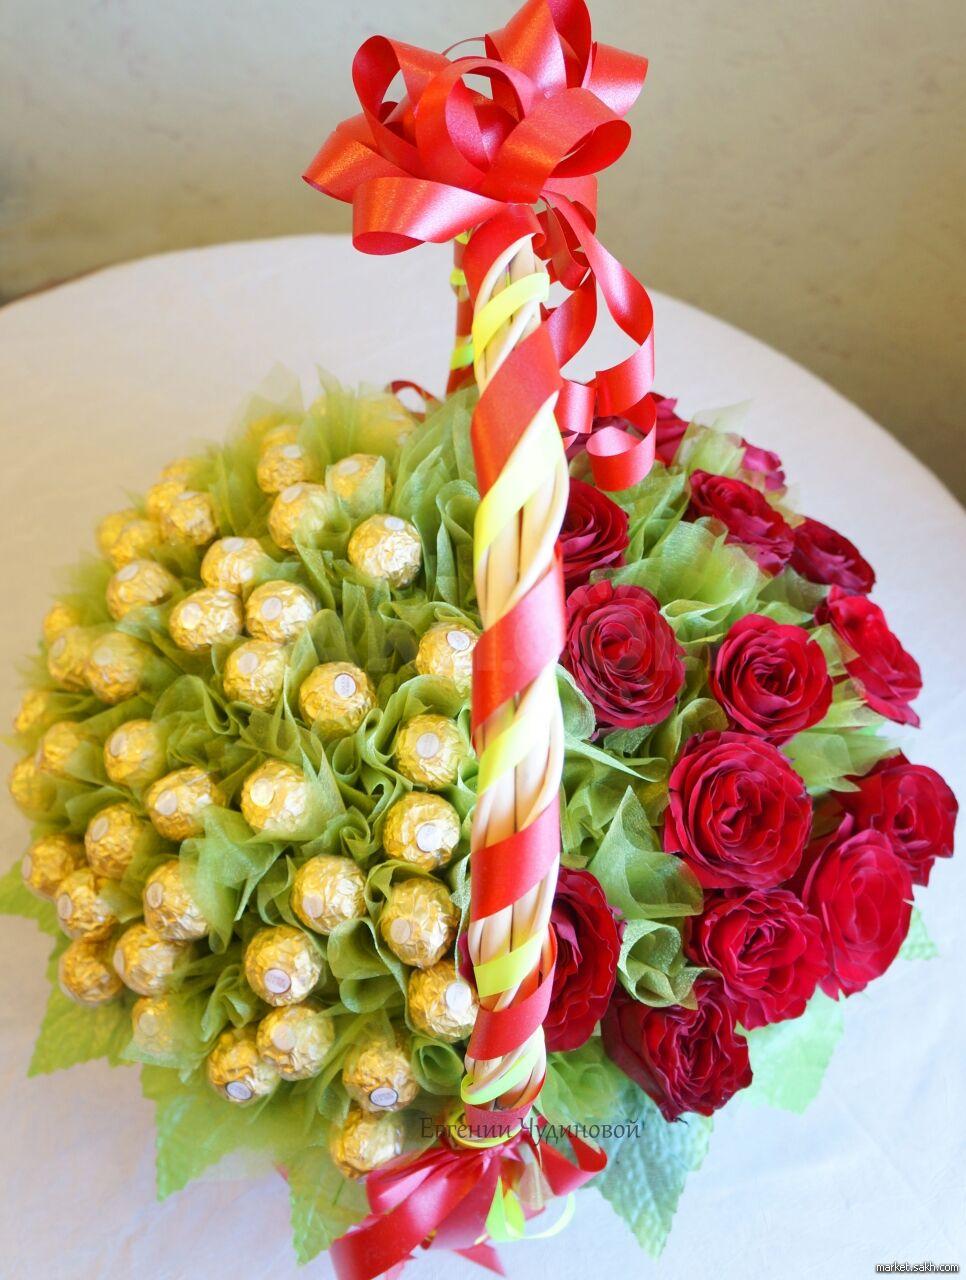 Букет с цветами и конфетами, доставка цветов